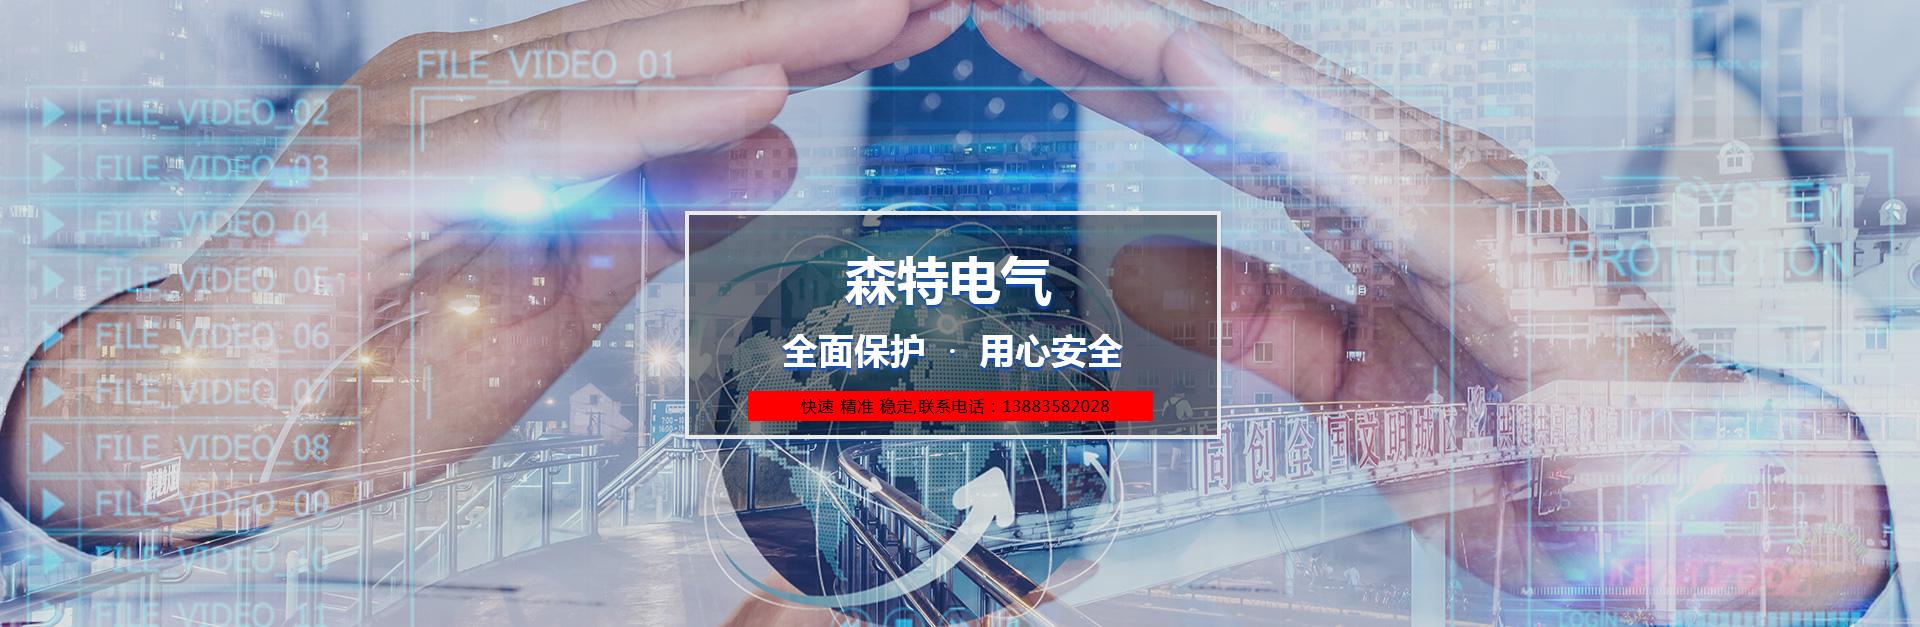 重庆EPS电源